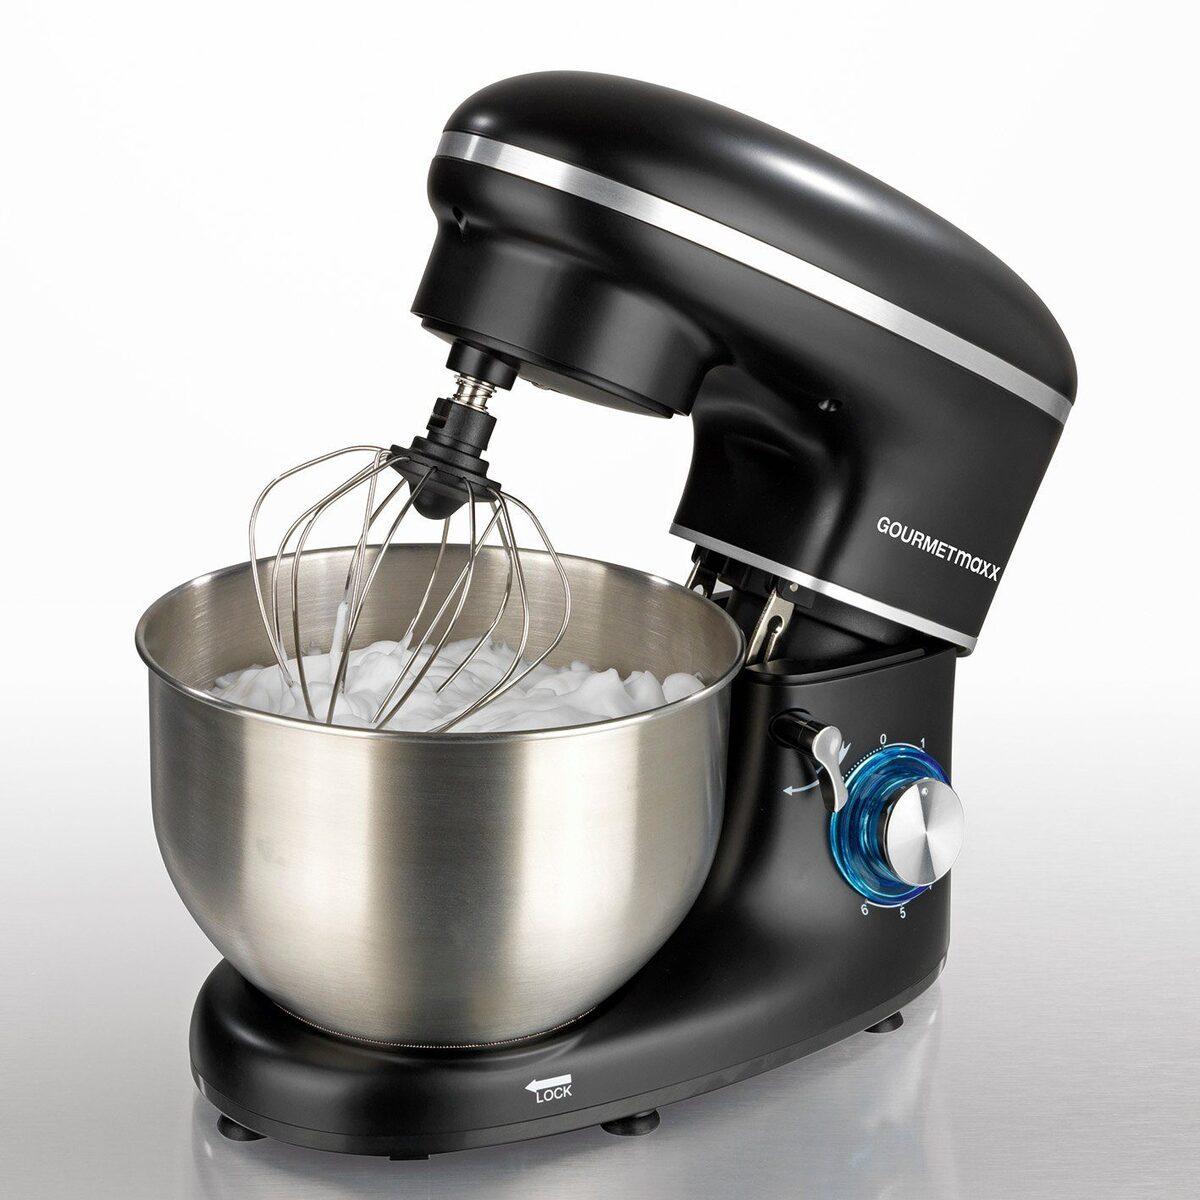 Bild 2 von GOURMETmaxx Küchenmaschine, 6 Geschwindigkeitsstufen